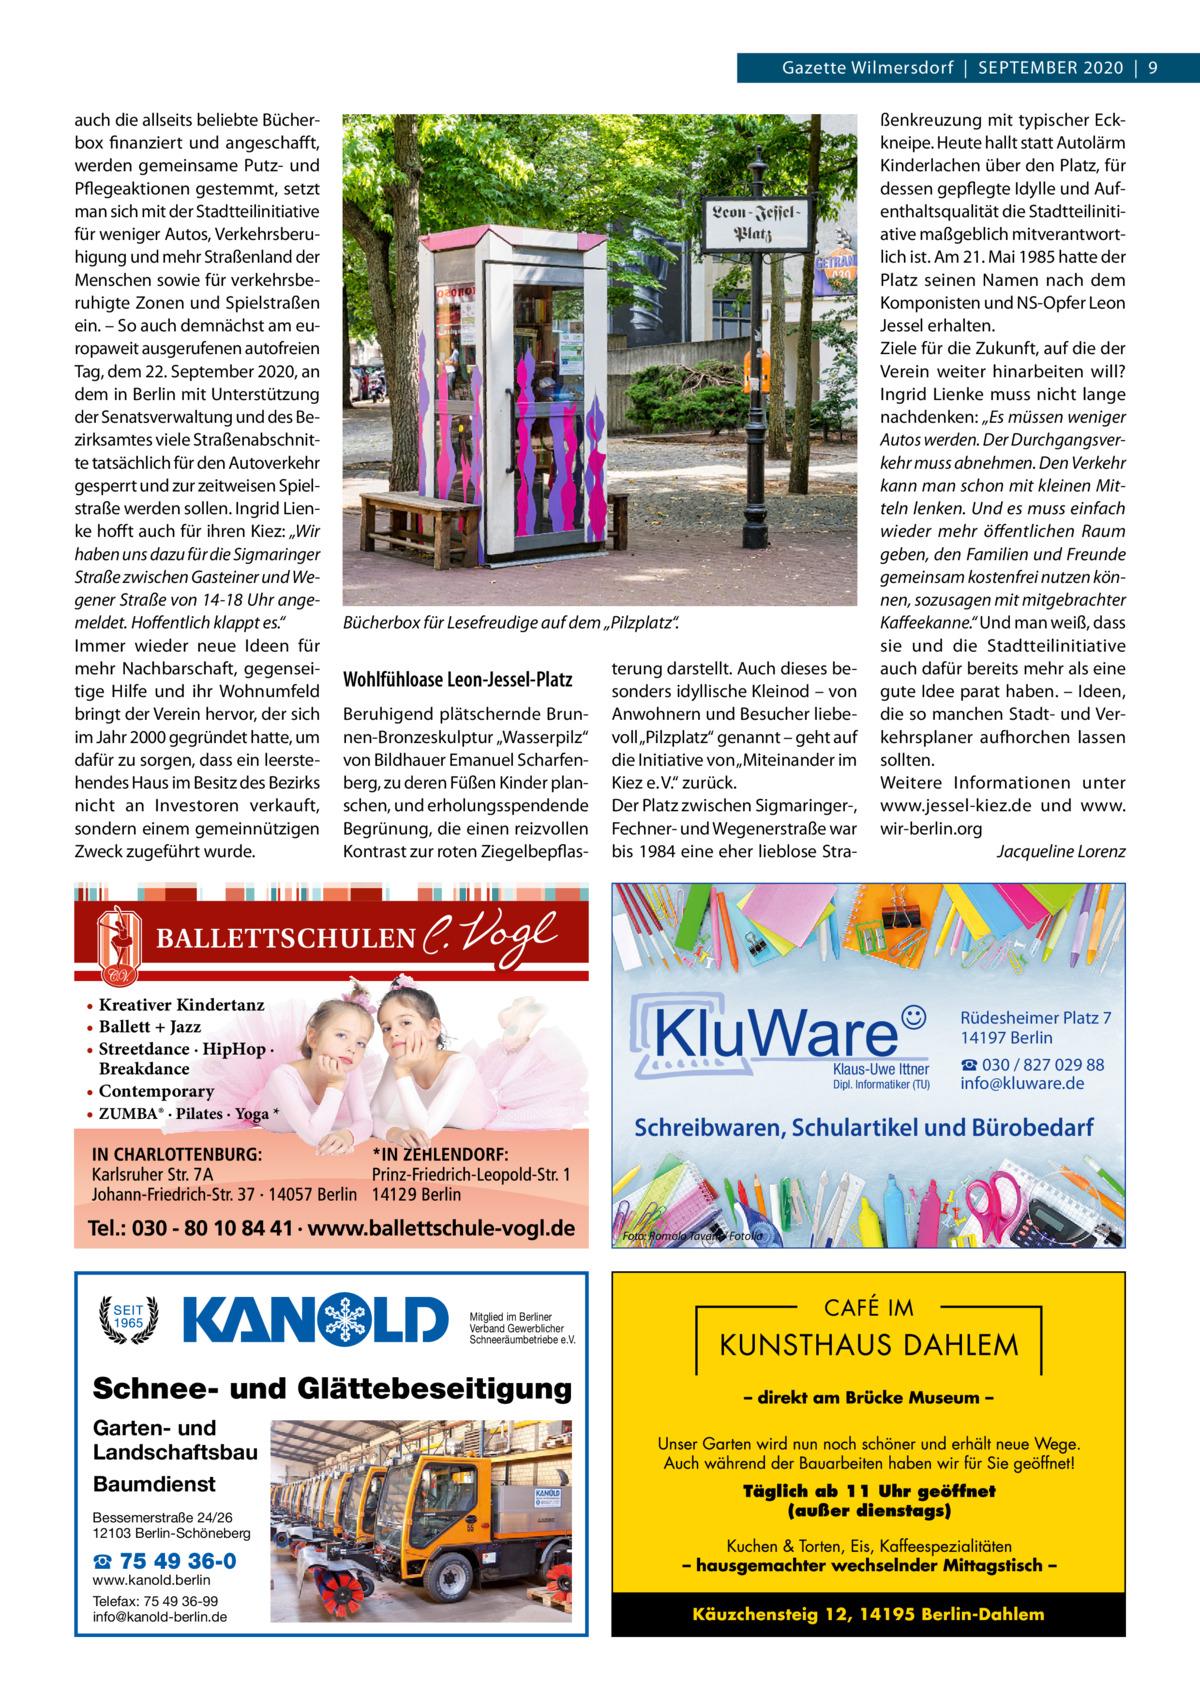 """Gazette Wilmersdorf September 2020 9 auch die allseits beliebte Bücherbox finanziert und angeschafft, werden gemeinsame Putz- und Pflegeaktionen gestemmt, setzt man sich mit der Stadtteilinitiative für weniger Autos, Verkehrsberuhigung und mehr Straßenland der Menschen sowie für verkehrsberuhigte Zonen und Spielstraßen ein. – So auch demnächst am europaweit ausgerufenen autofreien Tag, dem 22.September 2020, an dem in Berlin mit Unterstützung der Senatsverwaltung und des Bezirksamtes viele Straßenabschnitte tatsächlich für den Autoverkehr gesperrt und zur zeitweisen Spielstraße werden sollen. Ingrid Lienke hofft auch für ihren Kiez: """"Wir haben uns dazu für die Sigmaringer Straße zwischen Gasteiner und Wegener Straße von 14-18Uhr angemeldet. Hoffentlich klappt es."""" Immer wieder neue Ideen für mehr Nachbarschaft, gegenseitige Hilfe und ihr Wohnumfeld bringt der Verein hervor, der sich im Jahr 2000 gegründet hatte, um dafür zu sorgen, dass ein leerstehendes Haus im Besitz des Bezirks nicht an Investoren verkauft, sondern einem gemeinnützigen Zweck zugeführt wurde.  Bücherbox für Lesefreudige auf dem """"Pilzplatz"""".  Wohlfühloase Leon-Jessel-Platz Beruhigend plätschernde Brunnen-Bronzeskulptur """"Wasserpilz"""" von Bildhauer Emanuel Scharfenberg, zu deren Füßen Kinder planschen, und erholungsspendende Begrünung, die einen reizvollen Kontrast zur roten Ziegelbepflas • Kreativer Kindertanz • Ballett + Jazz • Streetdance · HipHop · Breakdance • Contemporary • ZUMBA® · Pilates · Yoga *  terung darstellt. Auch dieses besonders idyllische Kleinod – von Anwohnern und Besucher liebevoll """"Pilzplatz"""" genannt – geht auf die Initiative von """"Miteinander im Kiez e.V."""" zurück. Der Platz zwischen Sigmaringer-, Fechner- und Wegenerstraße war bis 1984 eine eher lieblose Stra Rüdesheimer Platz 7 14197 Berlin Klaus-Uwe Ittner  Dipl. Informatiker (TU)  Mitglied im Berliner Verband Gewerblicher Schneeräumbetriebe e.V.  Schnee- und Glättebeseitigung  Bessemerstraße 24/26 12103 Berlin-Schöneberg  ☎ 75"""